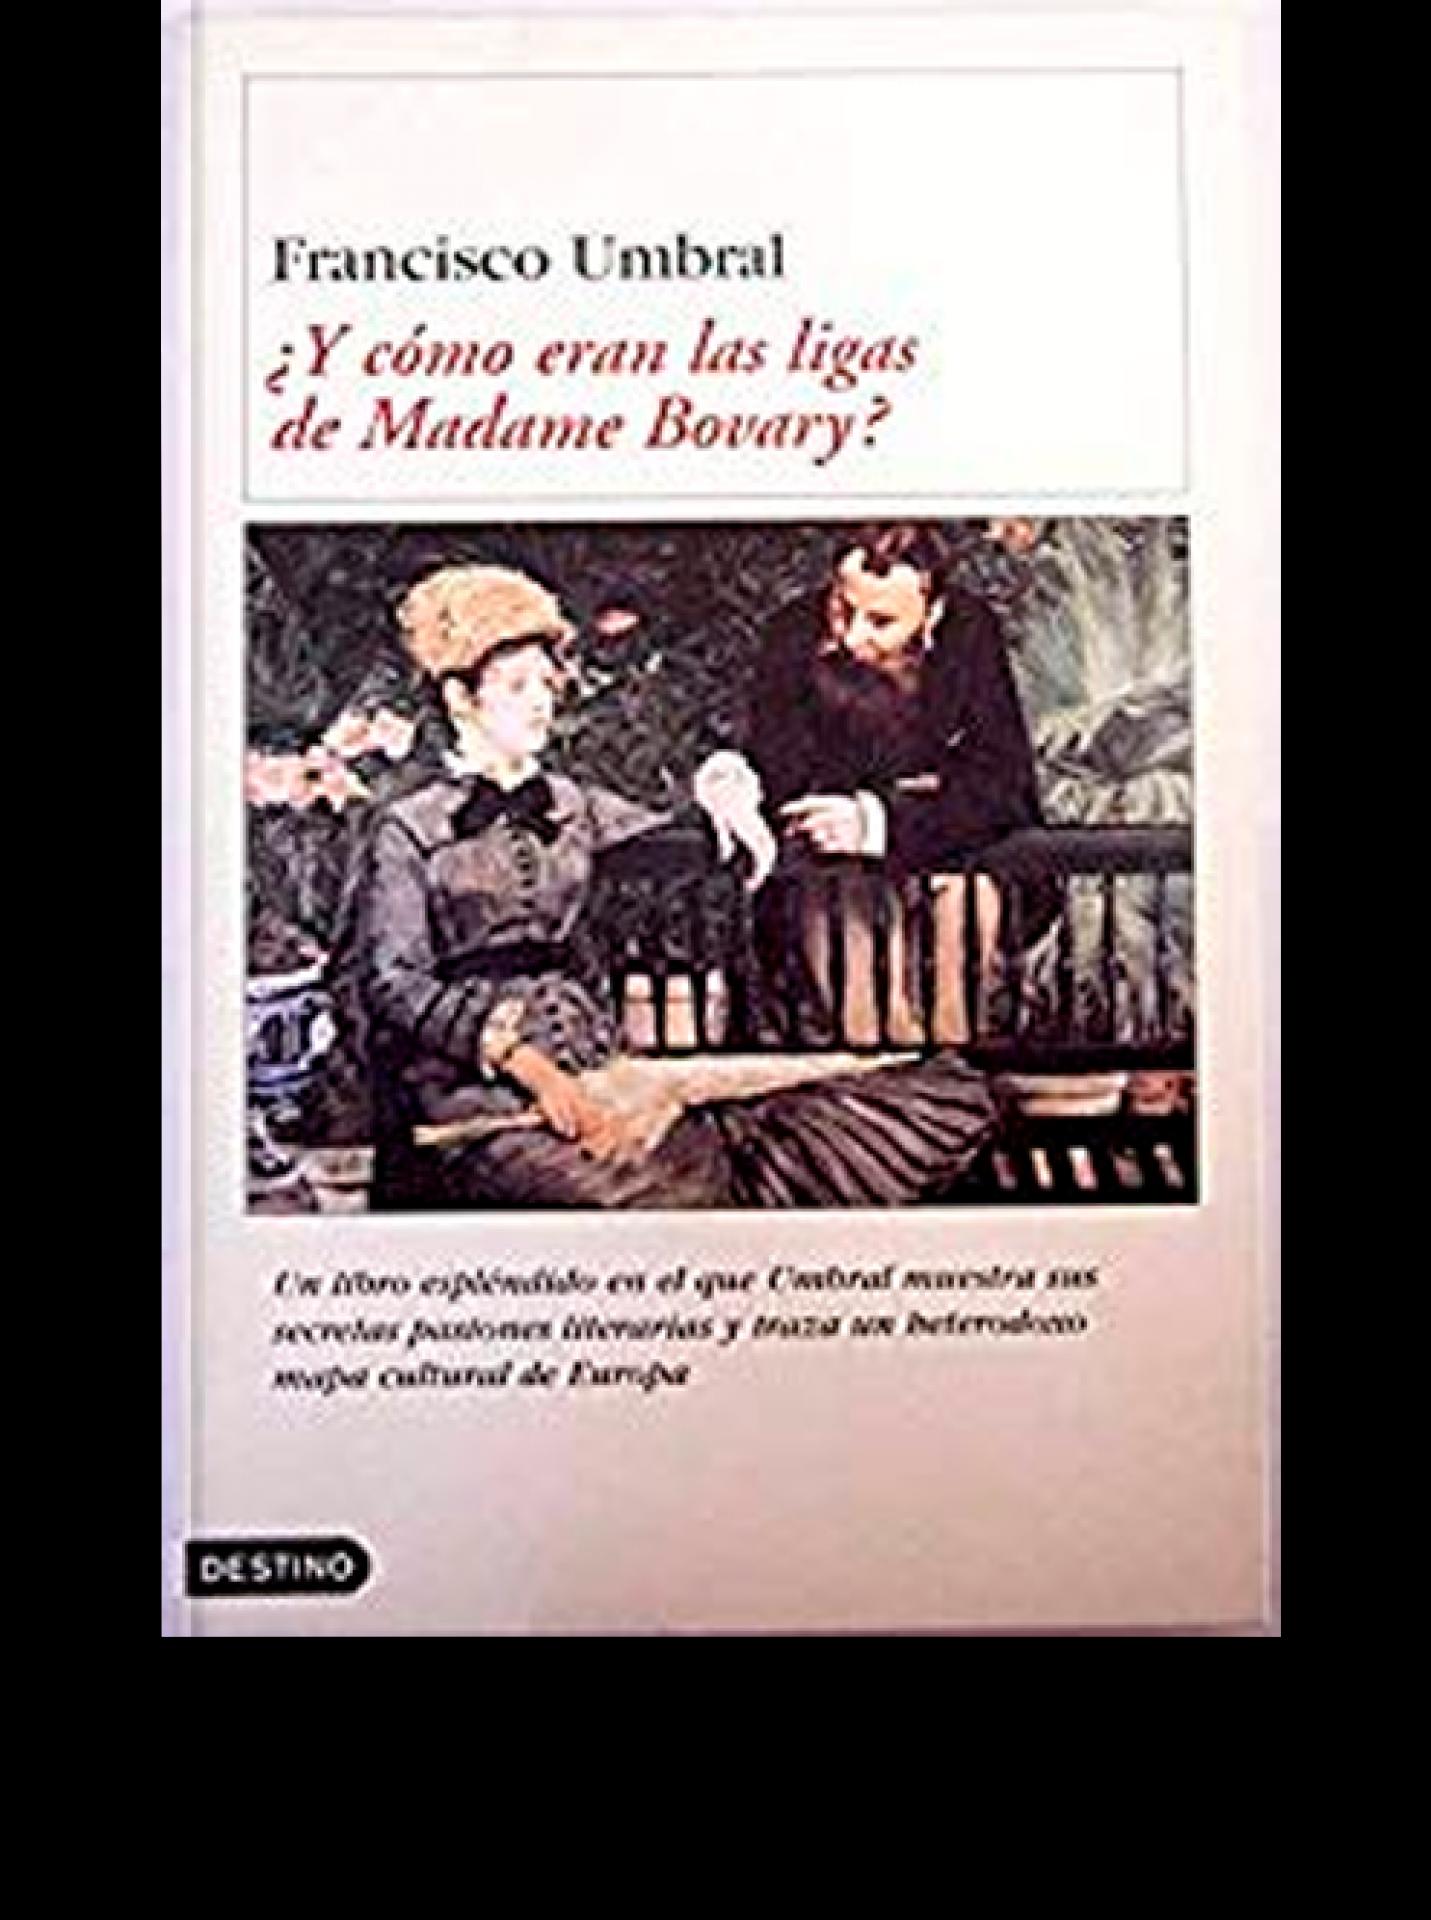 ¿Y cómo eran las ligas de Madame Bovary?